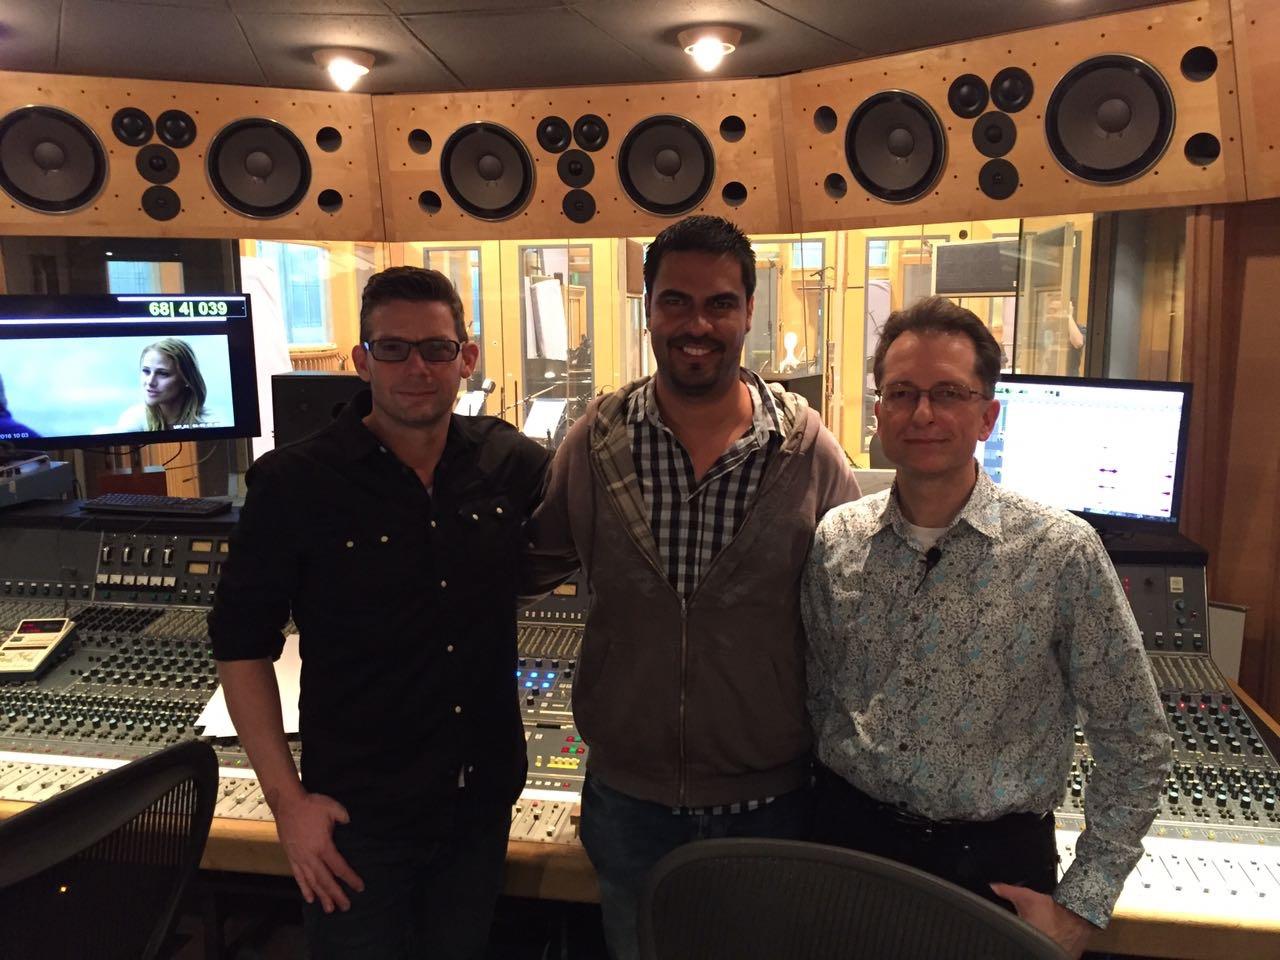 El score de la película de Jorge Ramírez-Suárez, LA GRAN PROMESA (Beanca Films, 2018)  ha sido nominado a la Diosa de Plata 2019! y es el primer score mexicano producido en los legendarios Air Studios en Londres. El Score fue grabado y mezclado por Nick Wollage en los Estudios Air en Londres y fue dirigido por Gavin Greenaway.